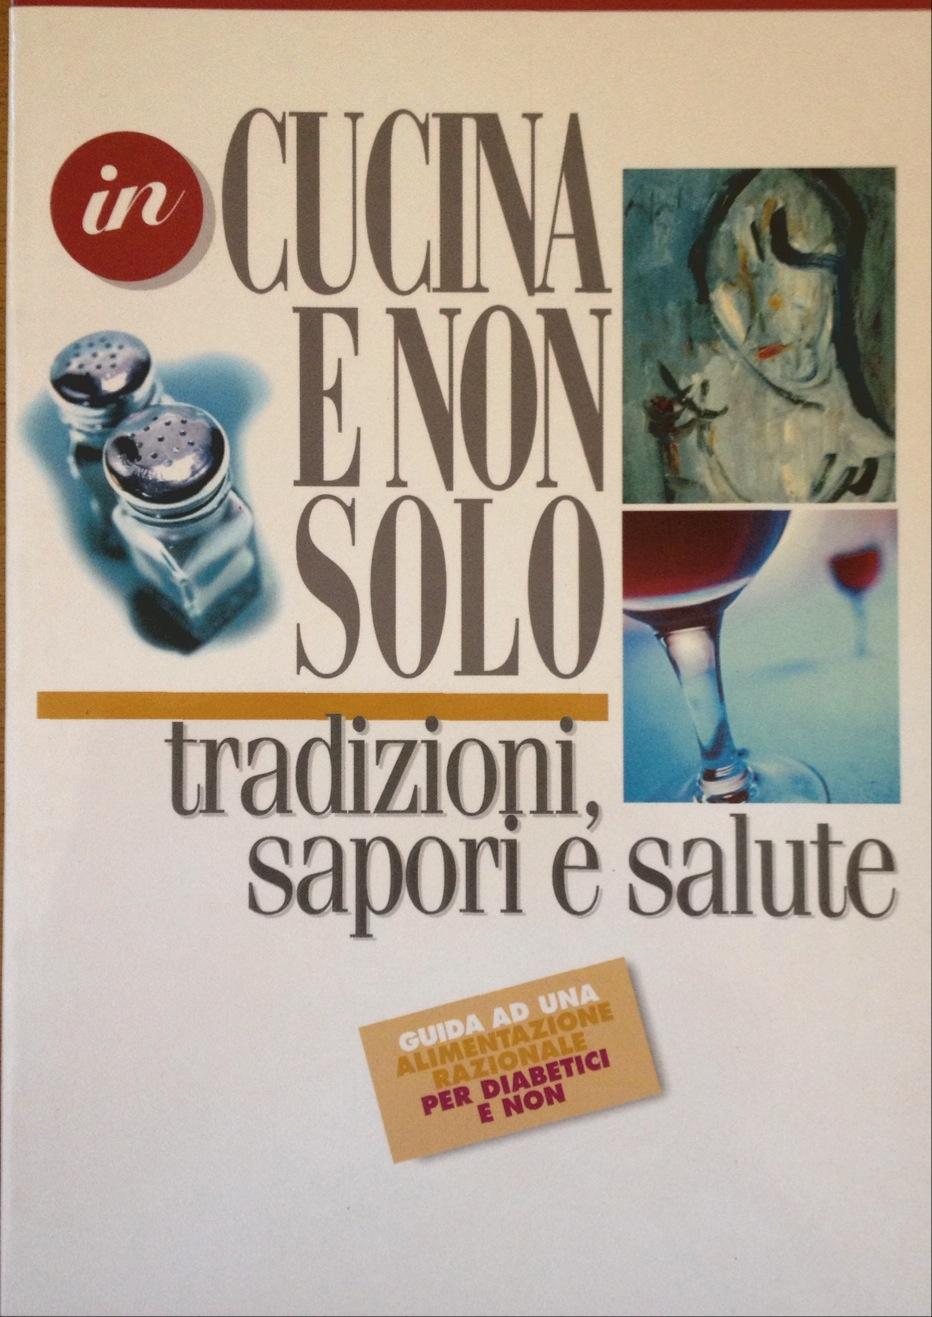 In Cucina E Non Solo – Tradizioni, Sapori E Salute